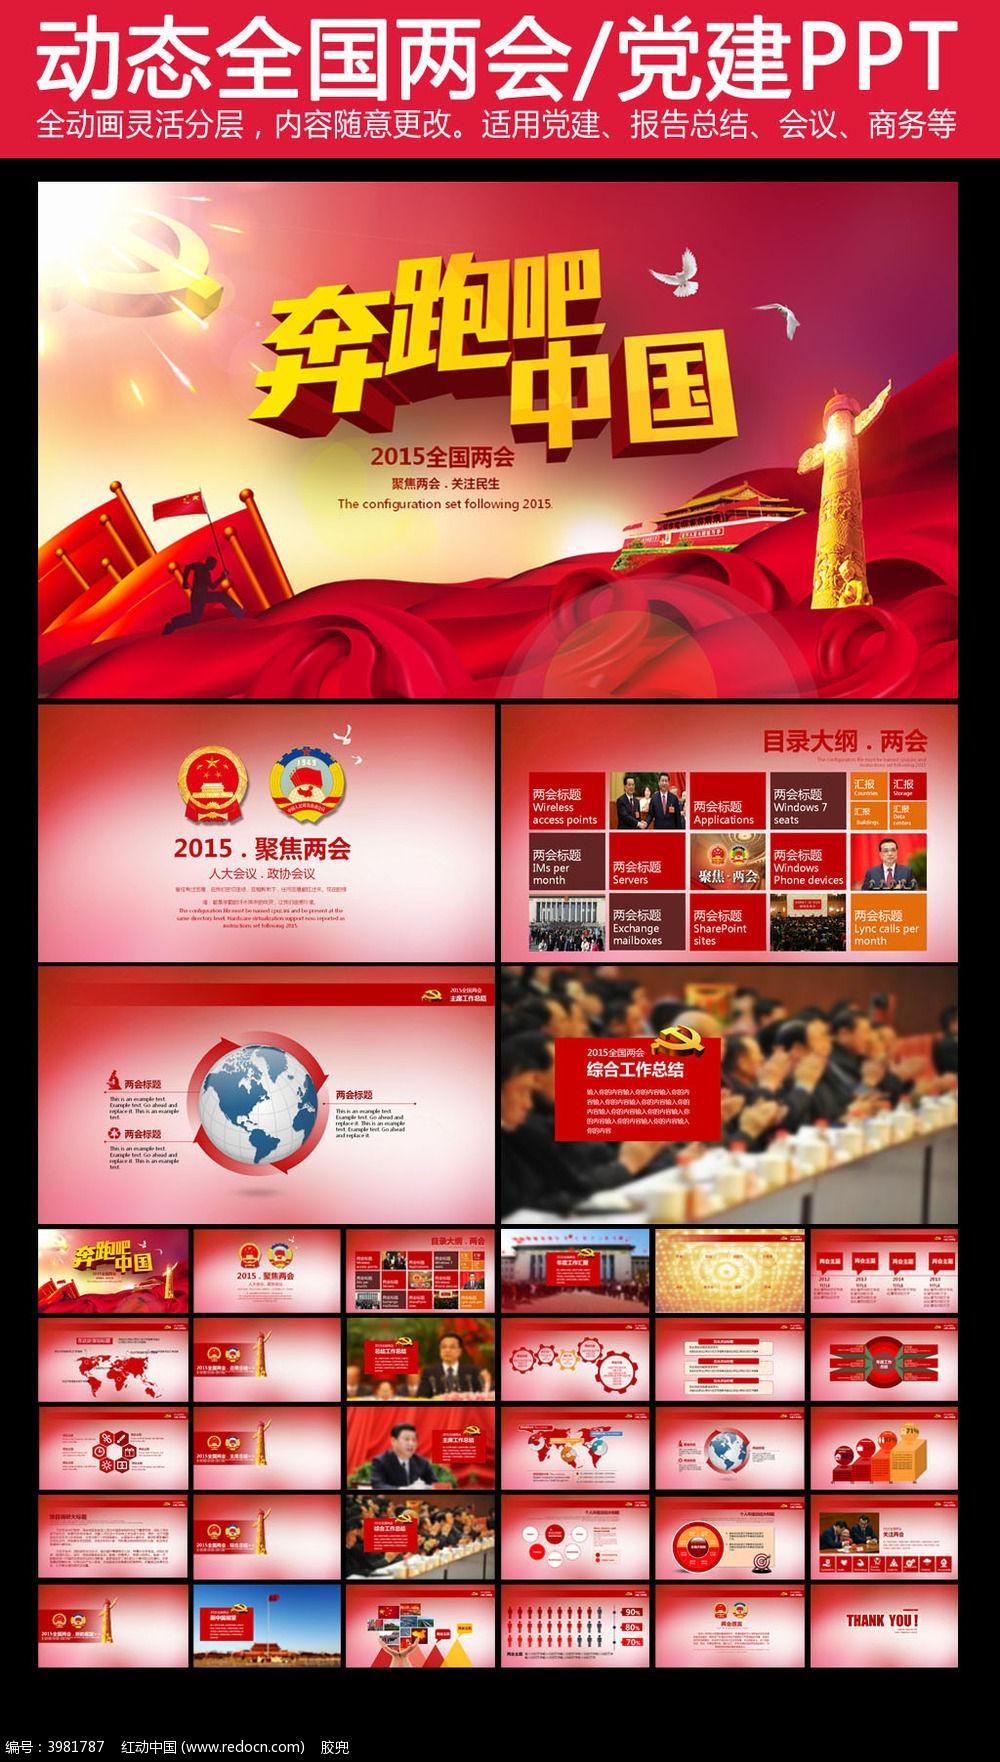 奔跑吧中国2015两会ppt模板图片